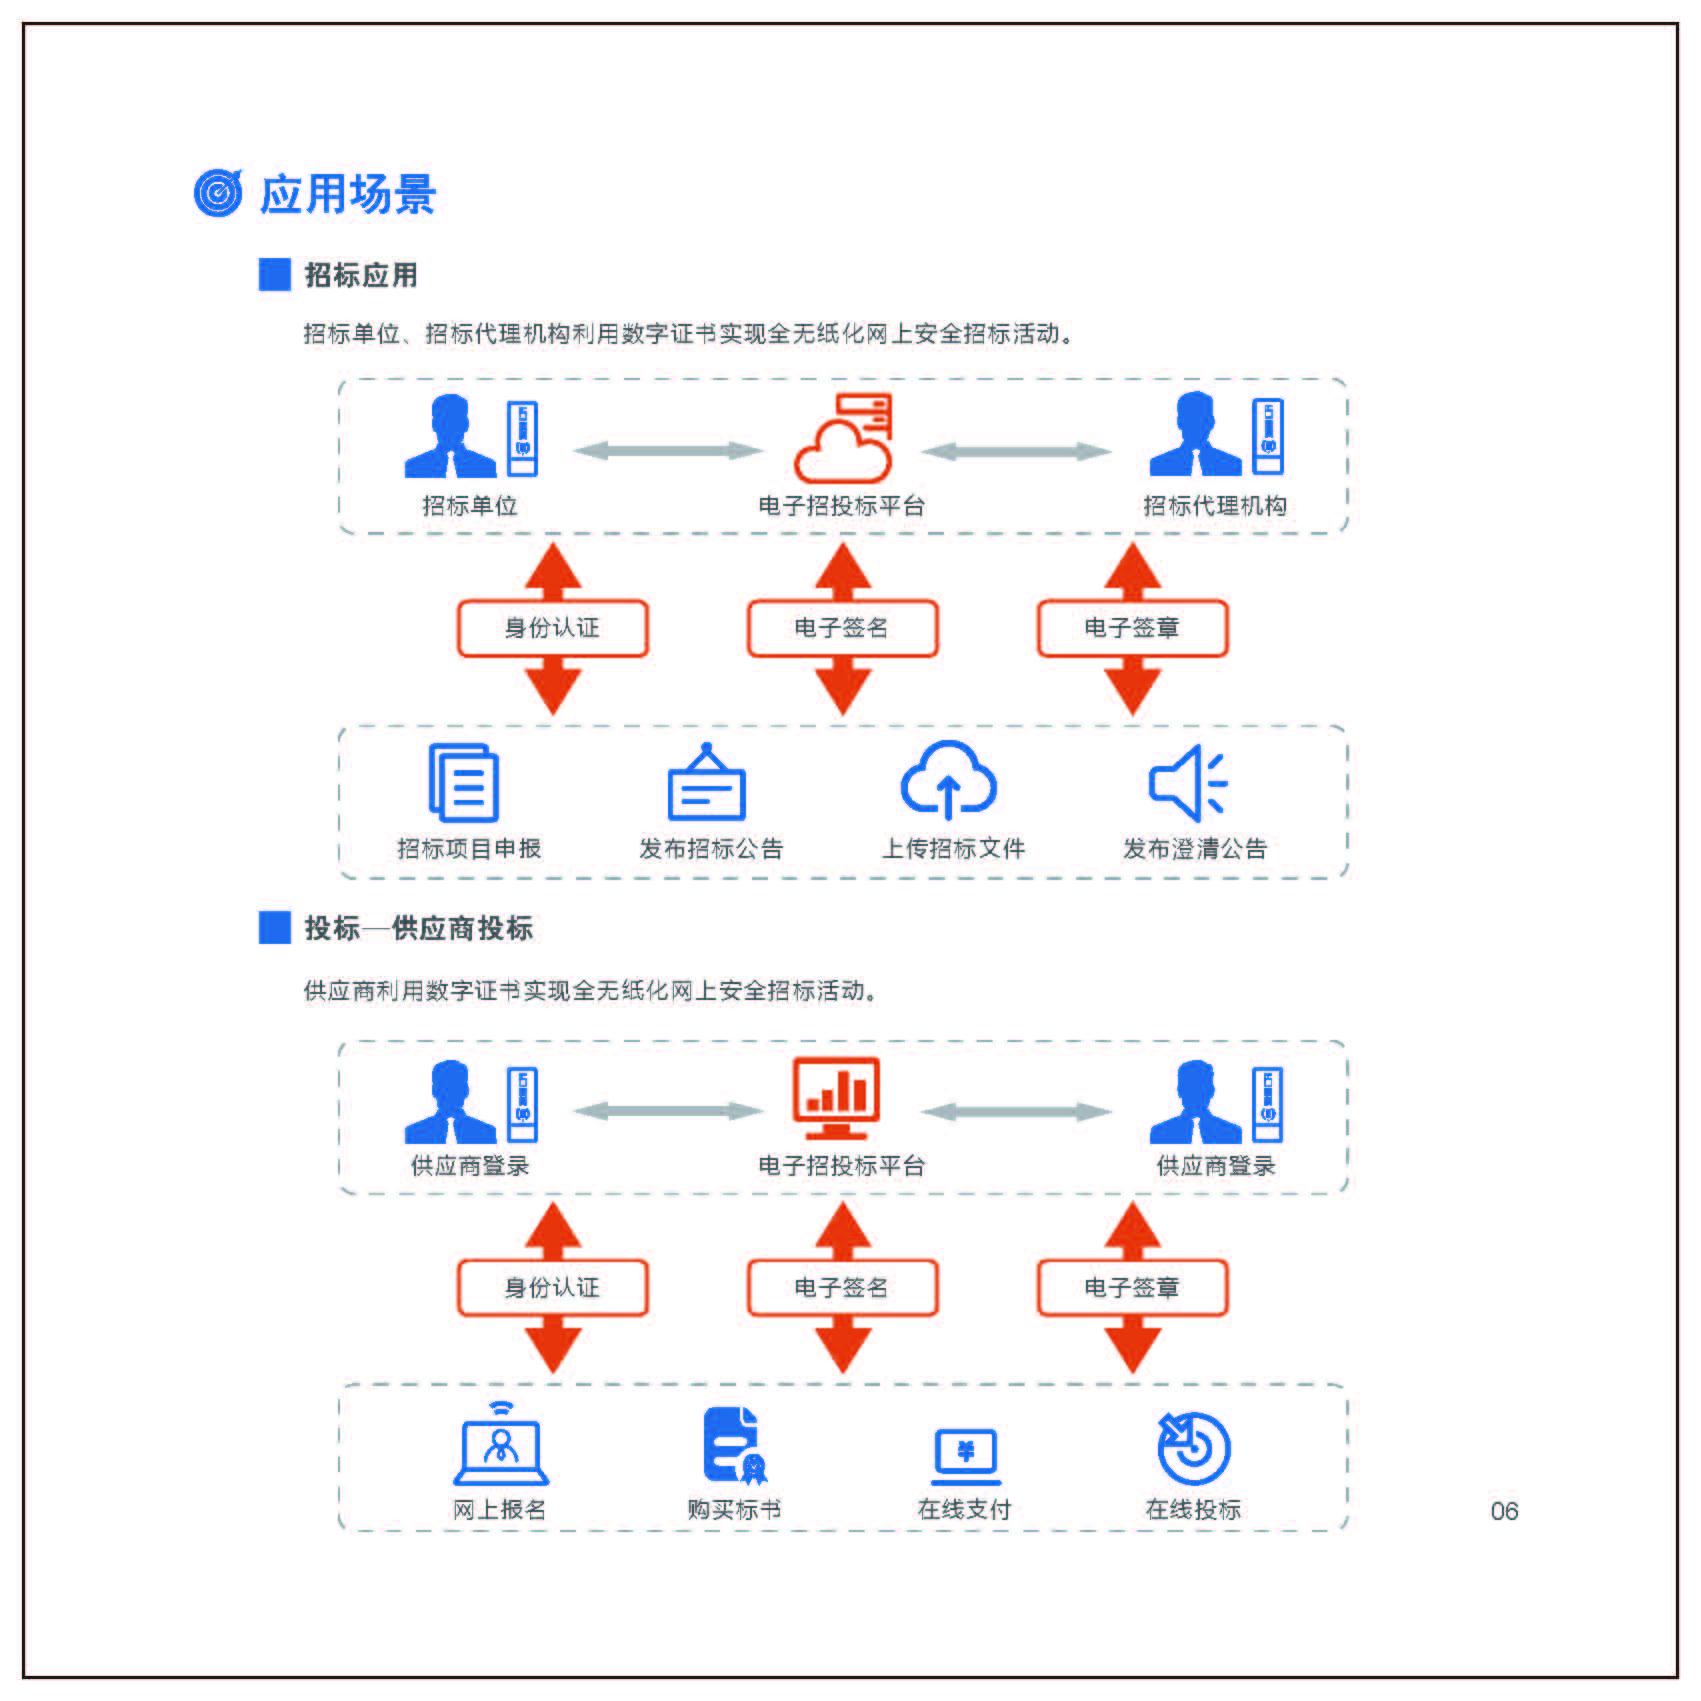 安钢数字认证电子签名_安钢安全防护产品项目合作费用-深圳市电子商务安全证书管理有限公司河南分公司